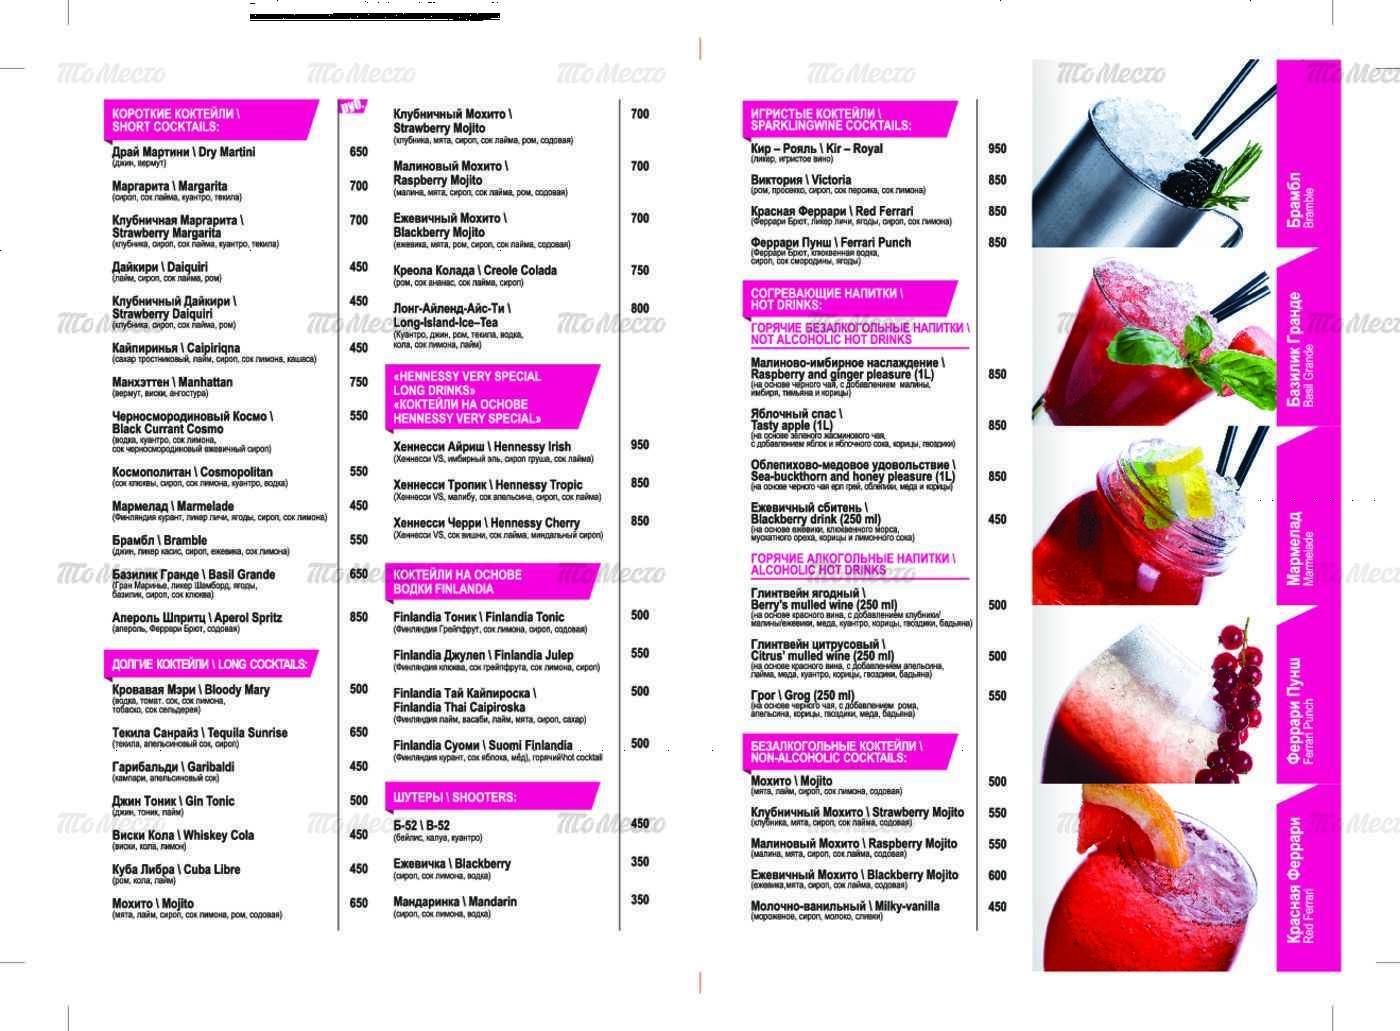 Меню бара, караоке клуб Мьюзик бар 11 (Music bar 11) на Малой Морской улице фото 9